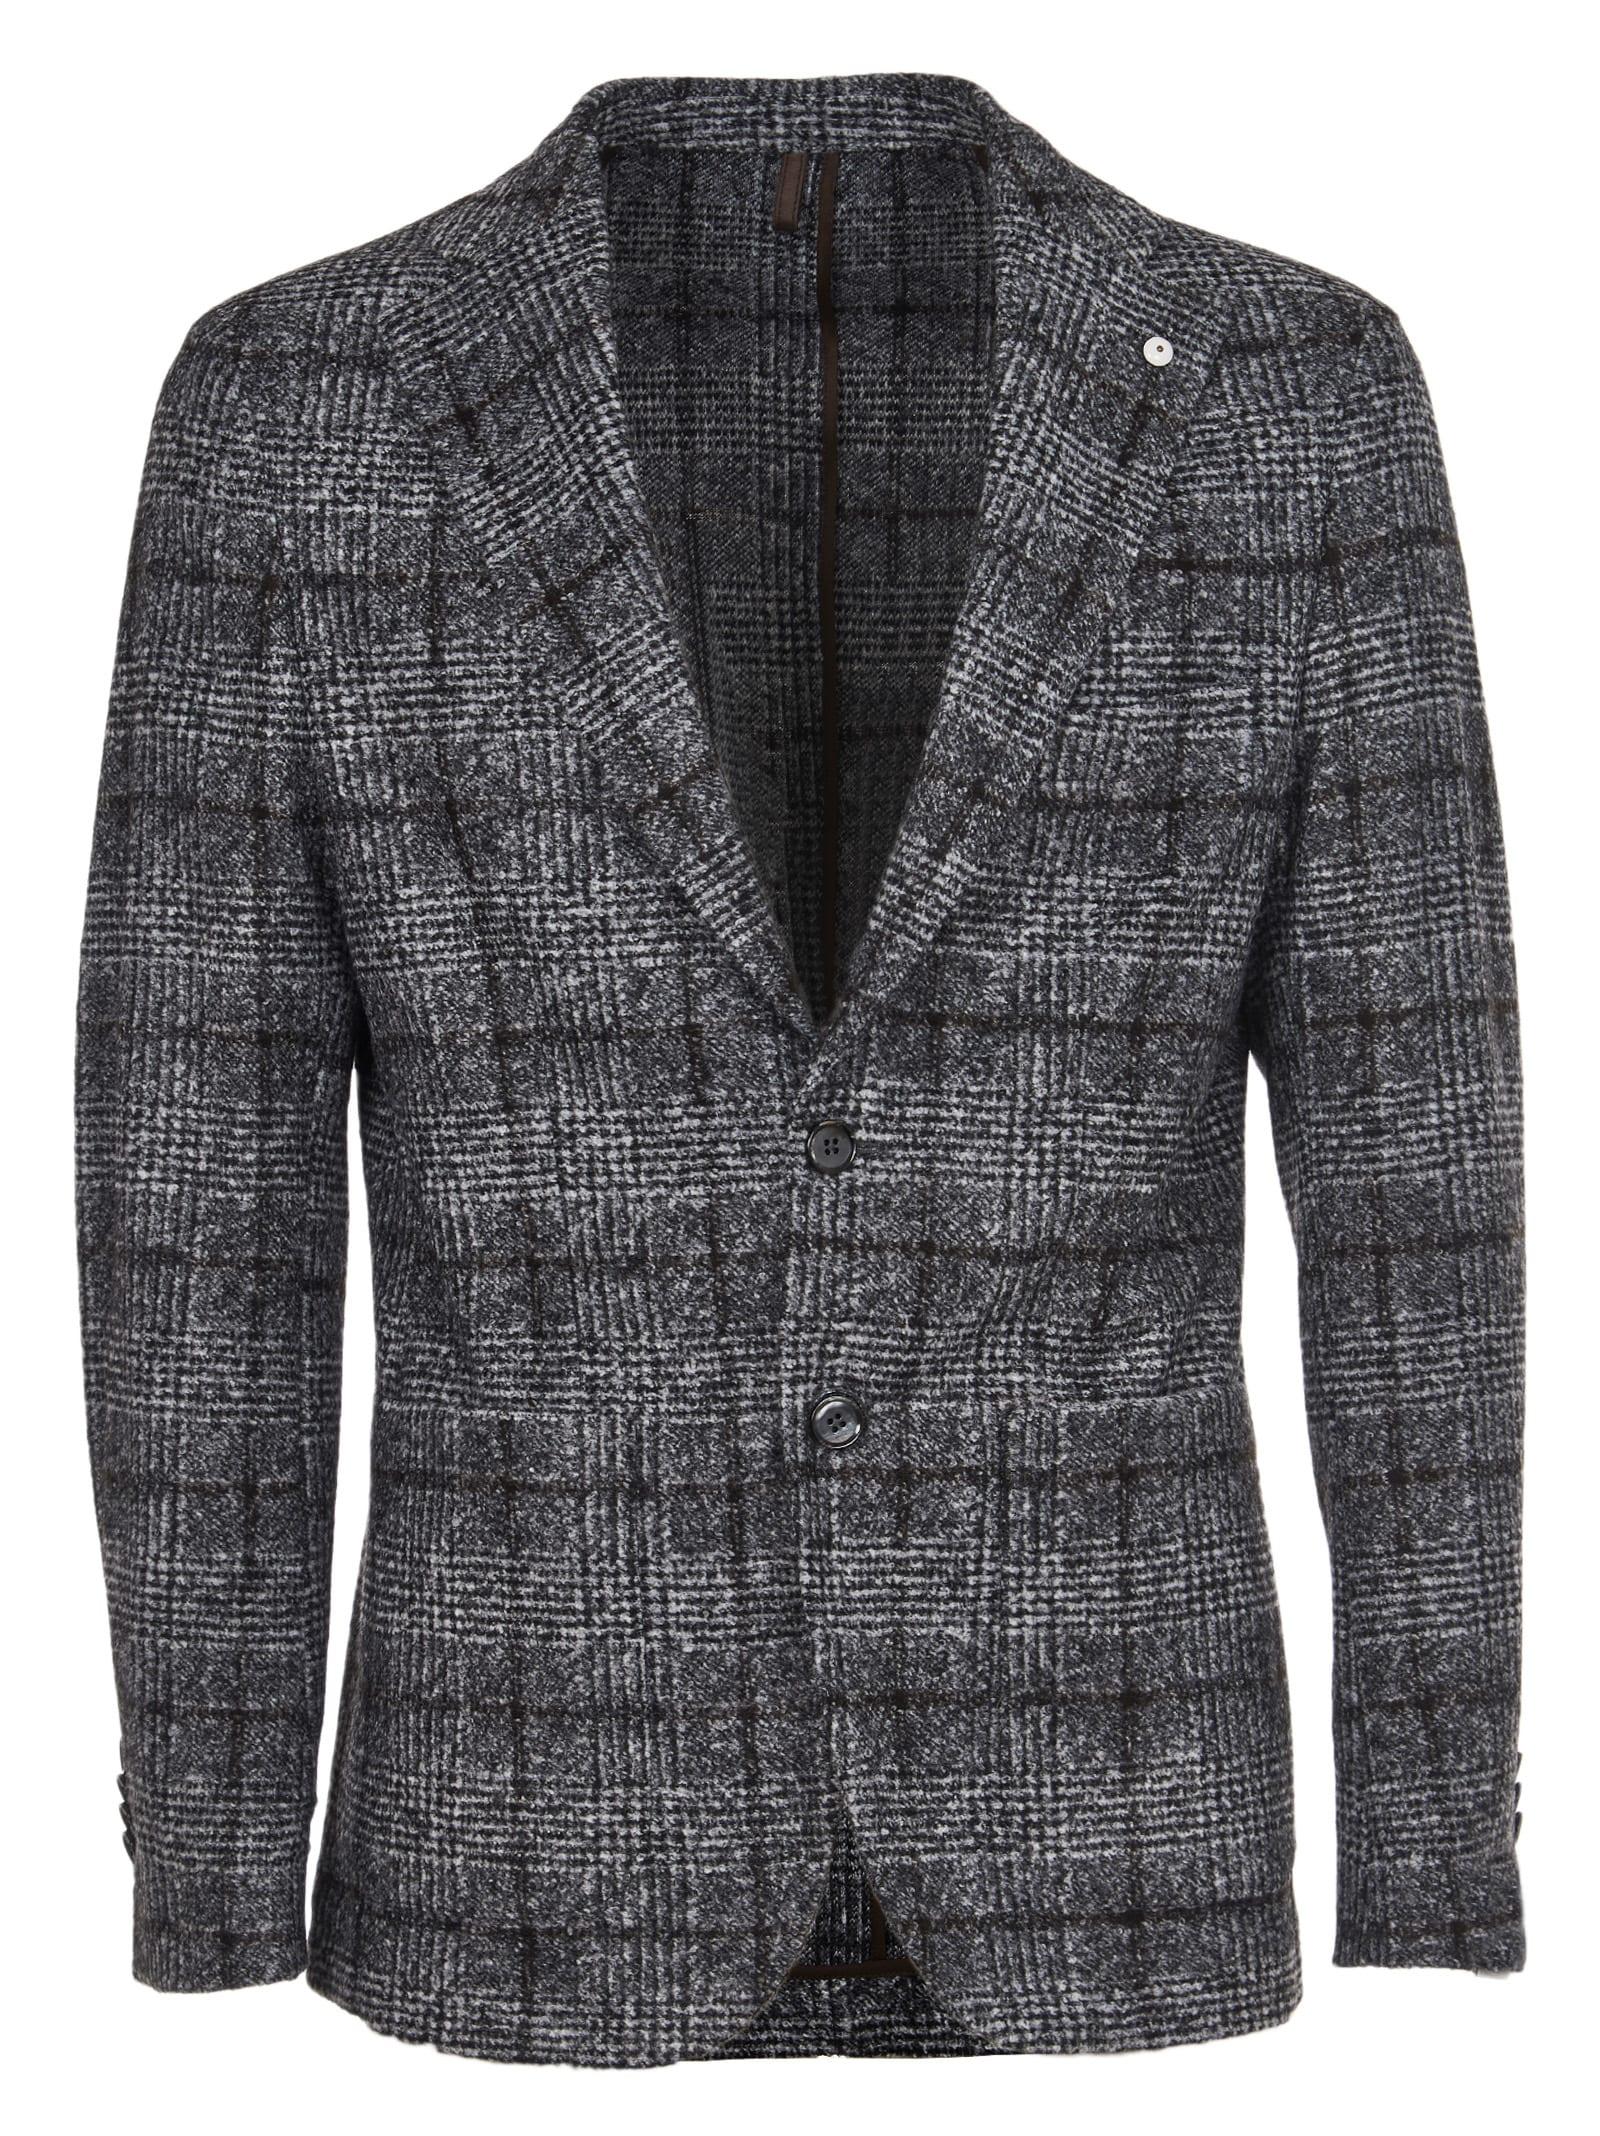 1911 Gray Checked Jacket